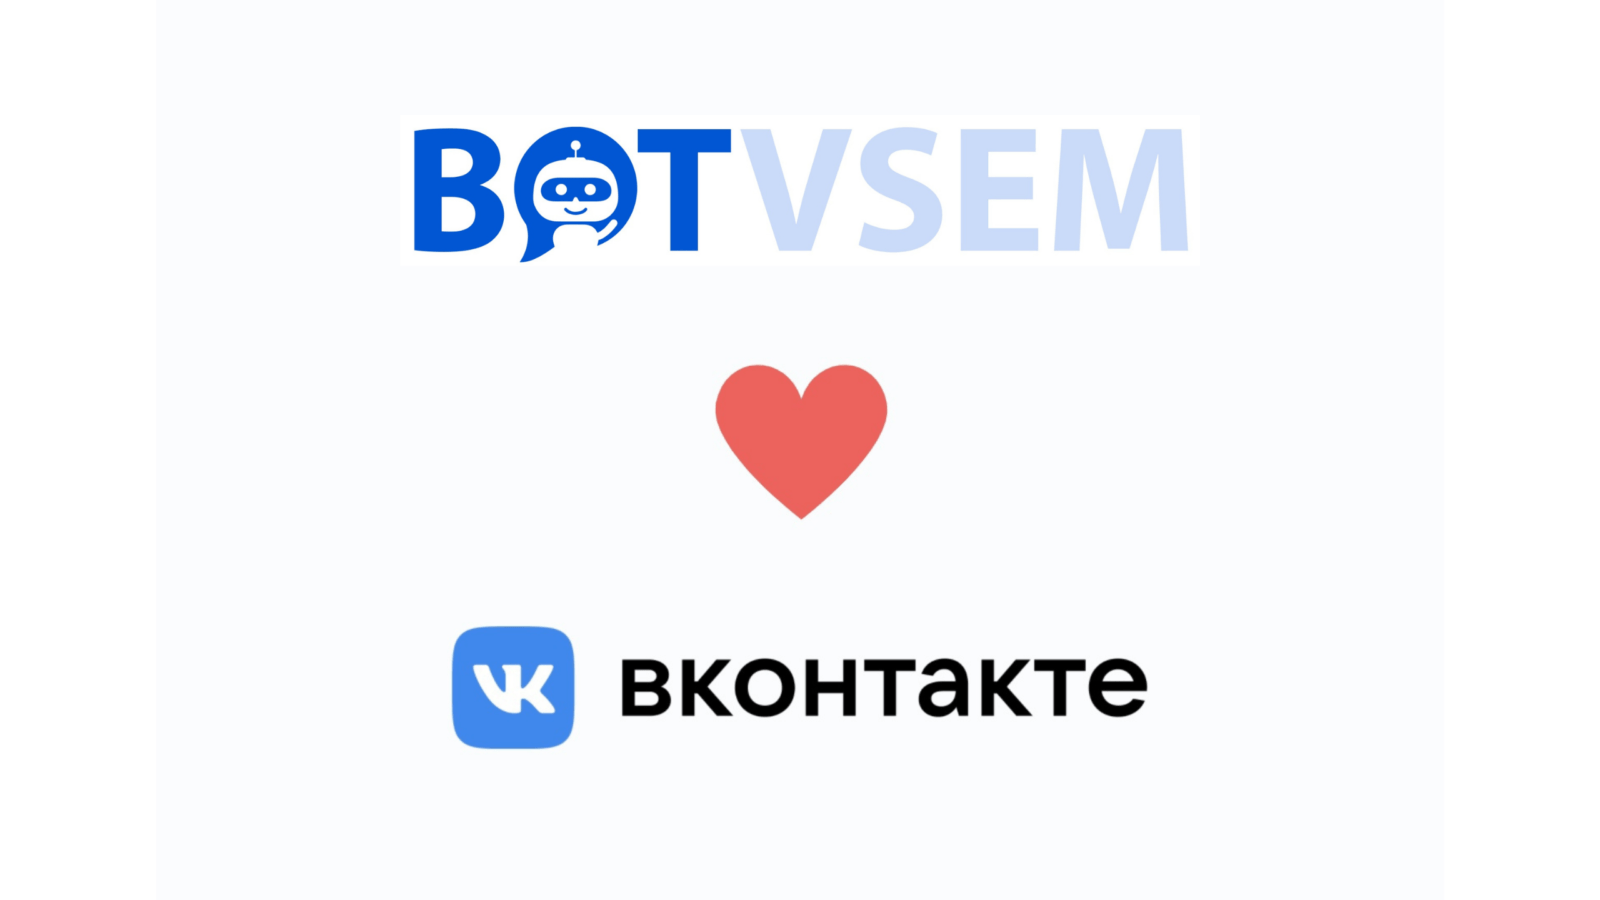 Создаем чат-бот и подключаем к каналу ВКонтакте